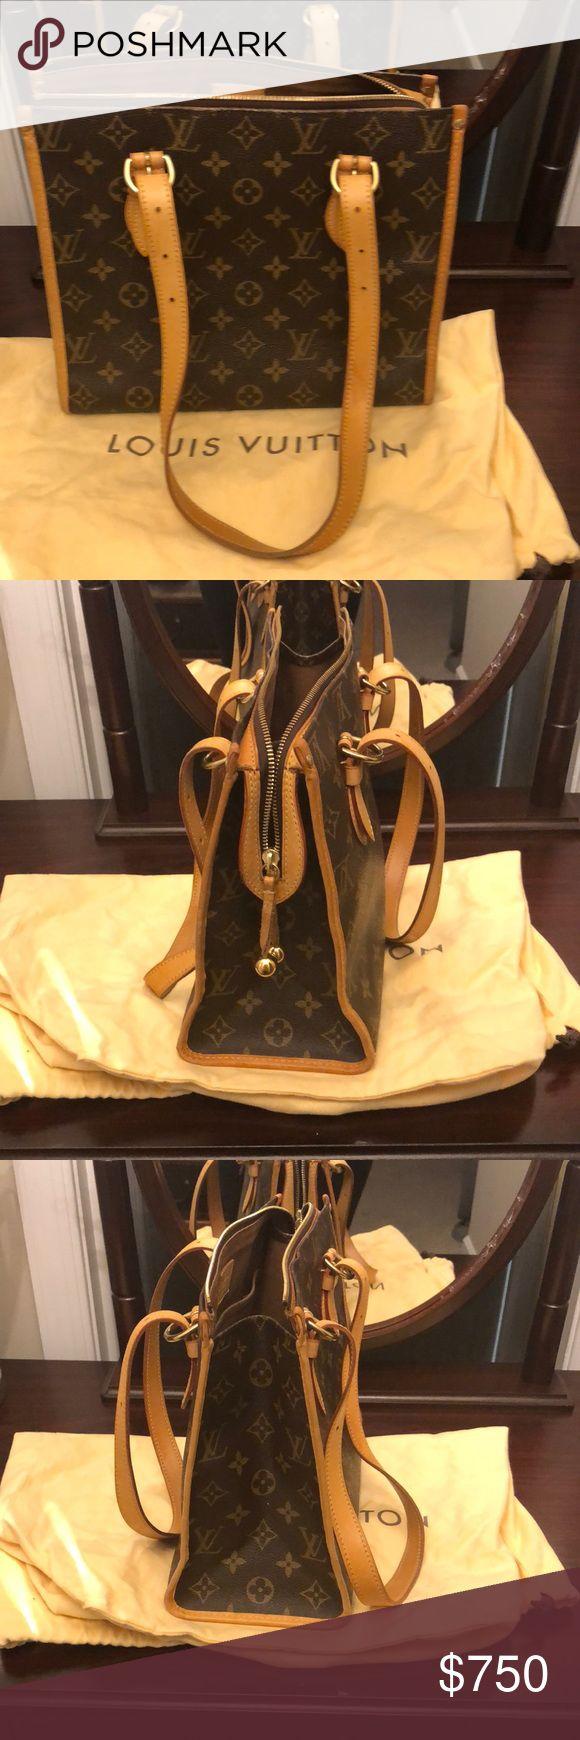 Louis Vuitton authentic bag. Authentic Louis Vuitton bag. Great size not too big but fits a lot good condition. Shoulder bag. Louis Vuitton Bags Shoulder Bags